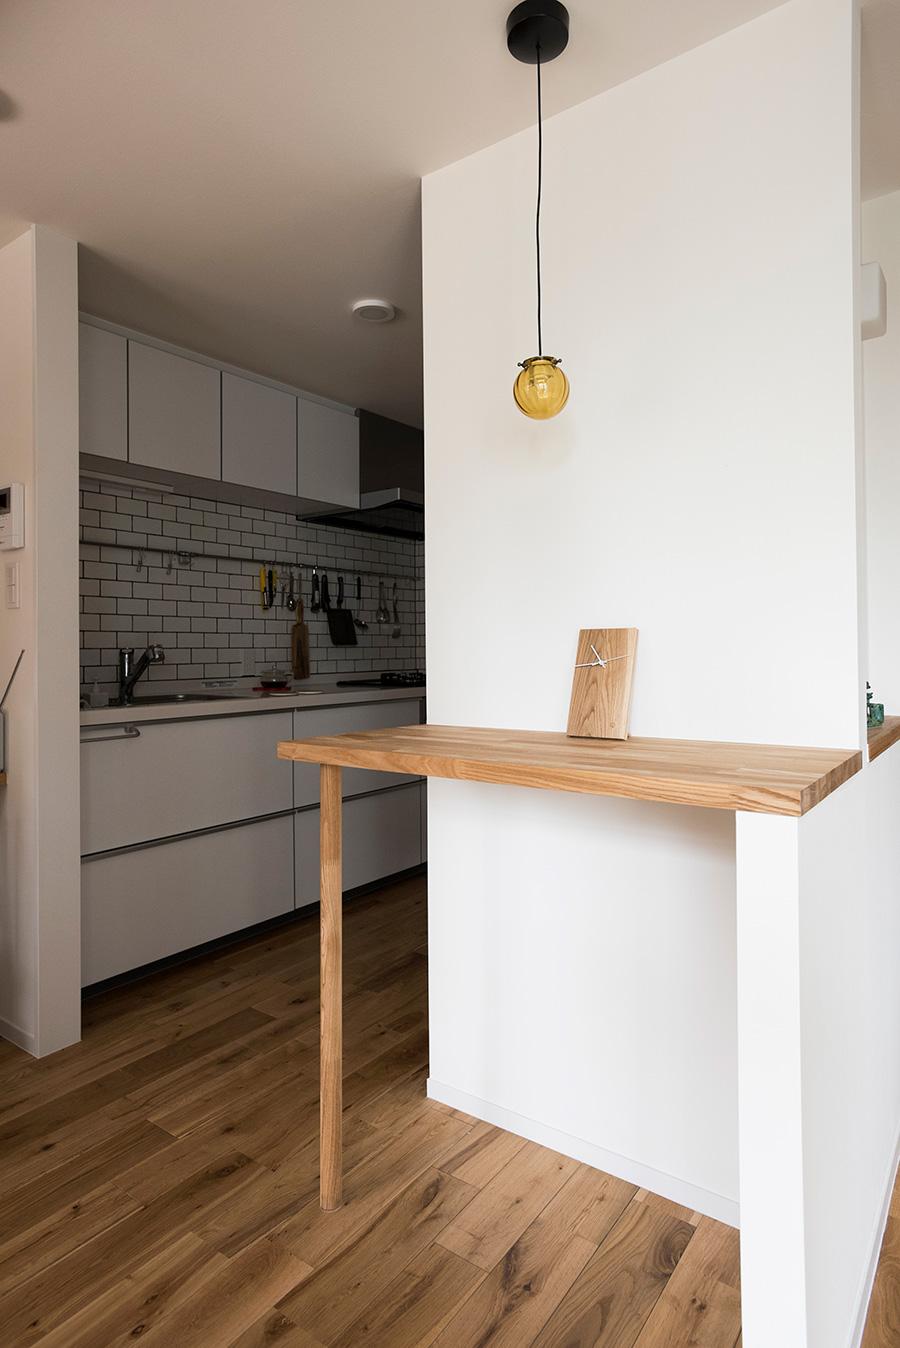 キッチンの脇にタモ材の天板で配膳台を設置。ここで食事をとることもできて便利。